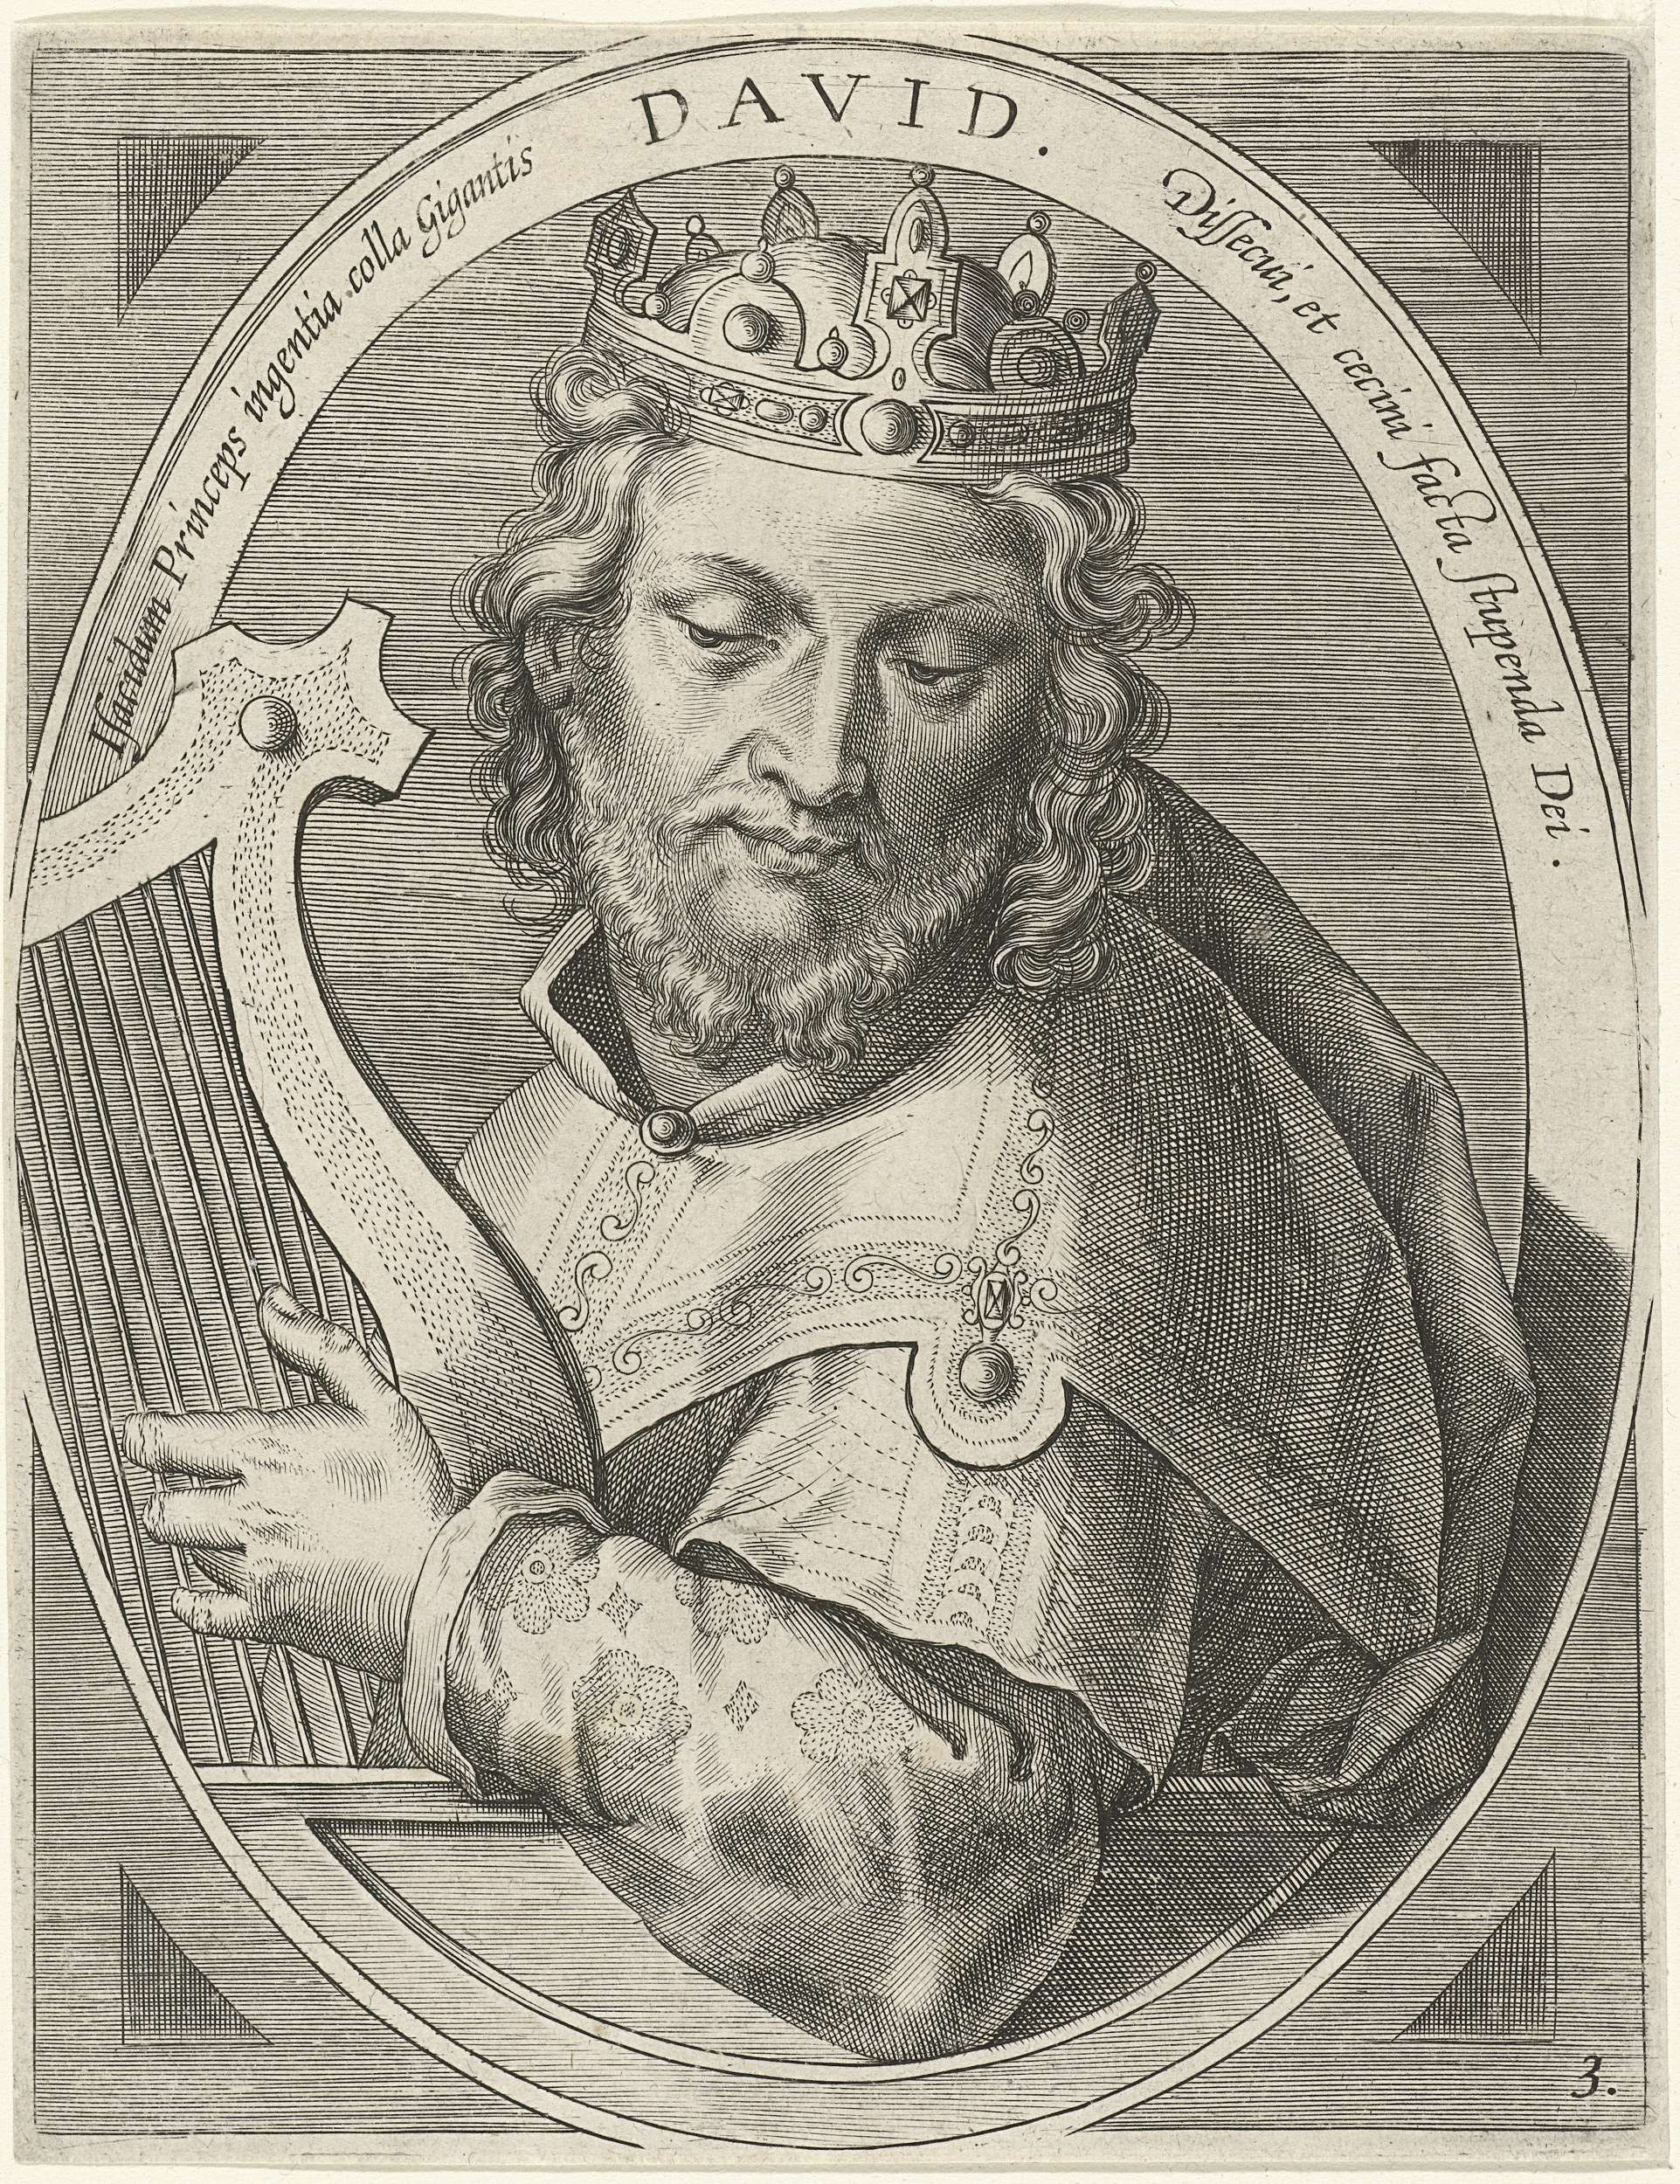 Cornelis Galle (I) | David, Cornelis Galle (I), Jan van der Straet, Theodoor Galle, 1613 | Koning David, met kroon en harp, in ovaal met Latijns randschrift.